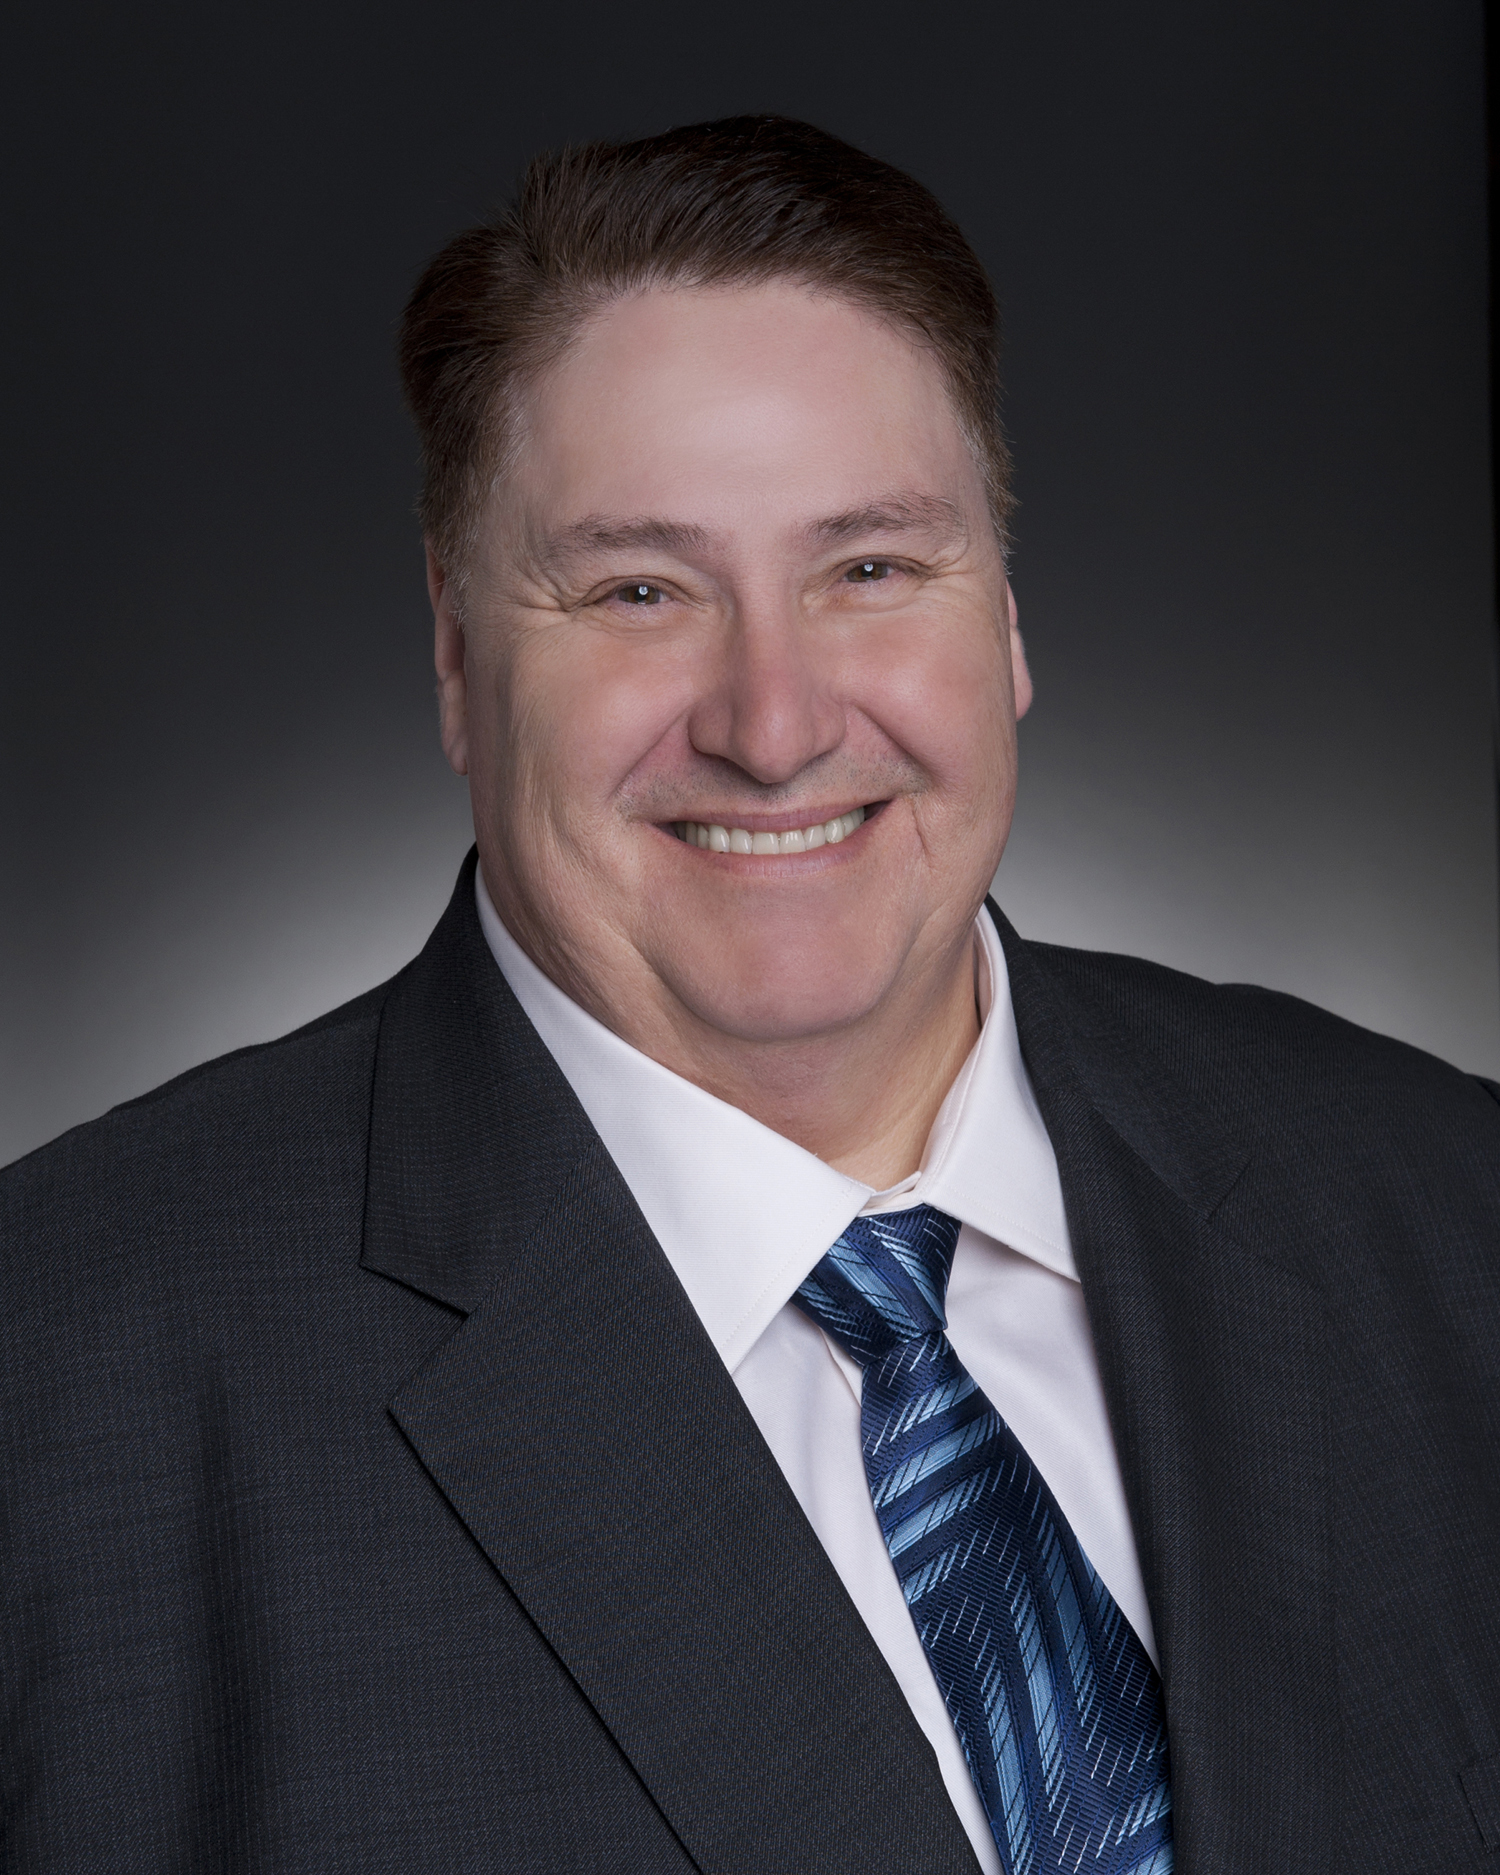 Mr. William Malanche, COO - Mitsui Seiki USA, Inc. (Photo: Business Wire)